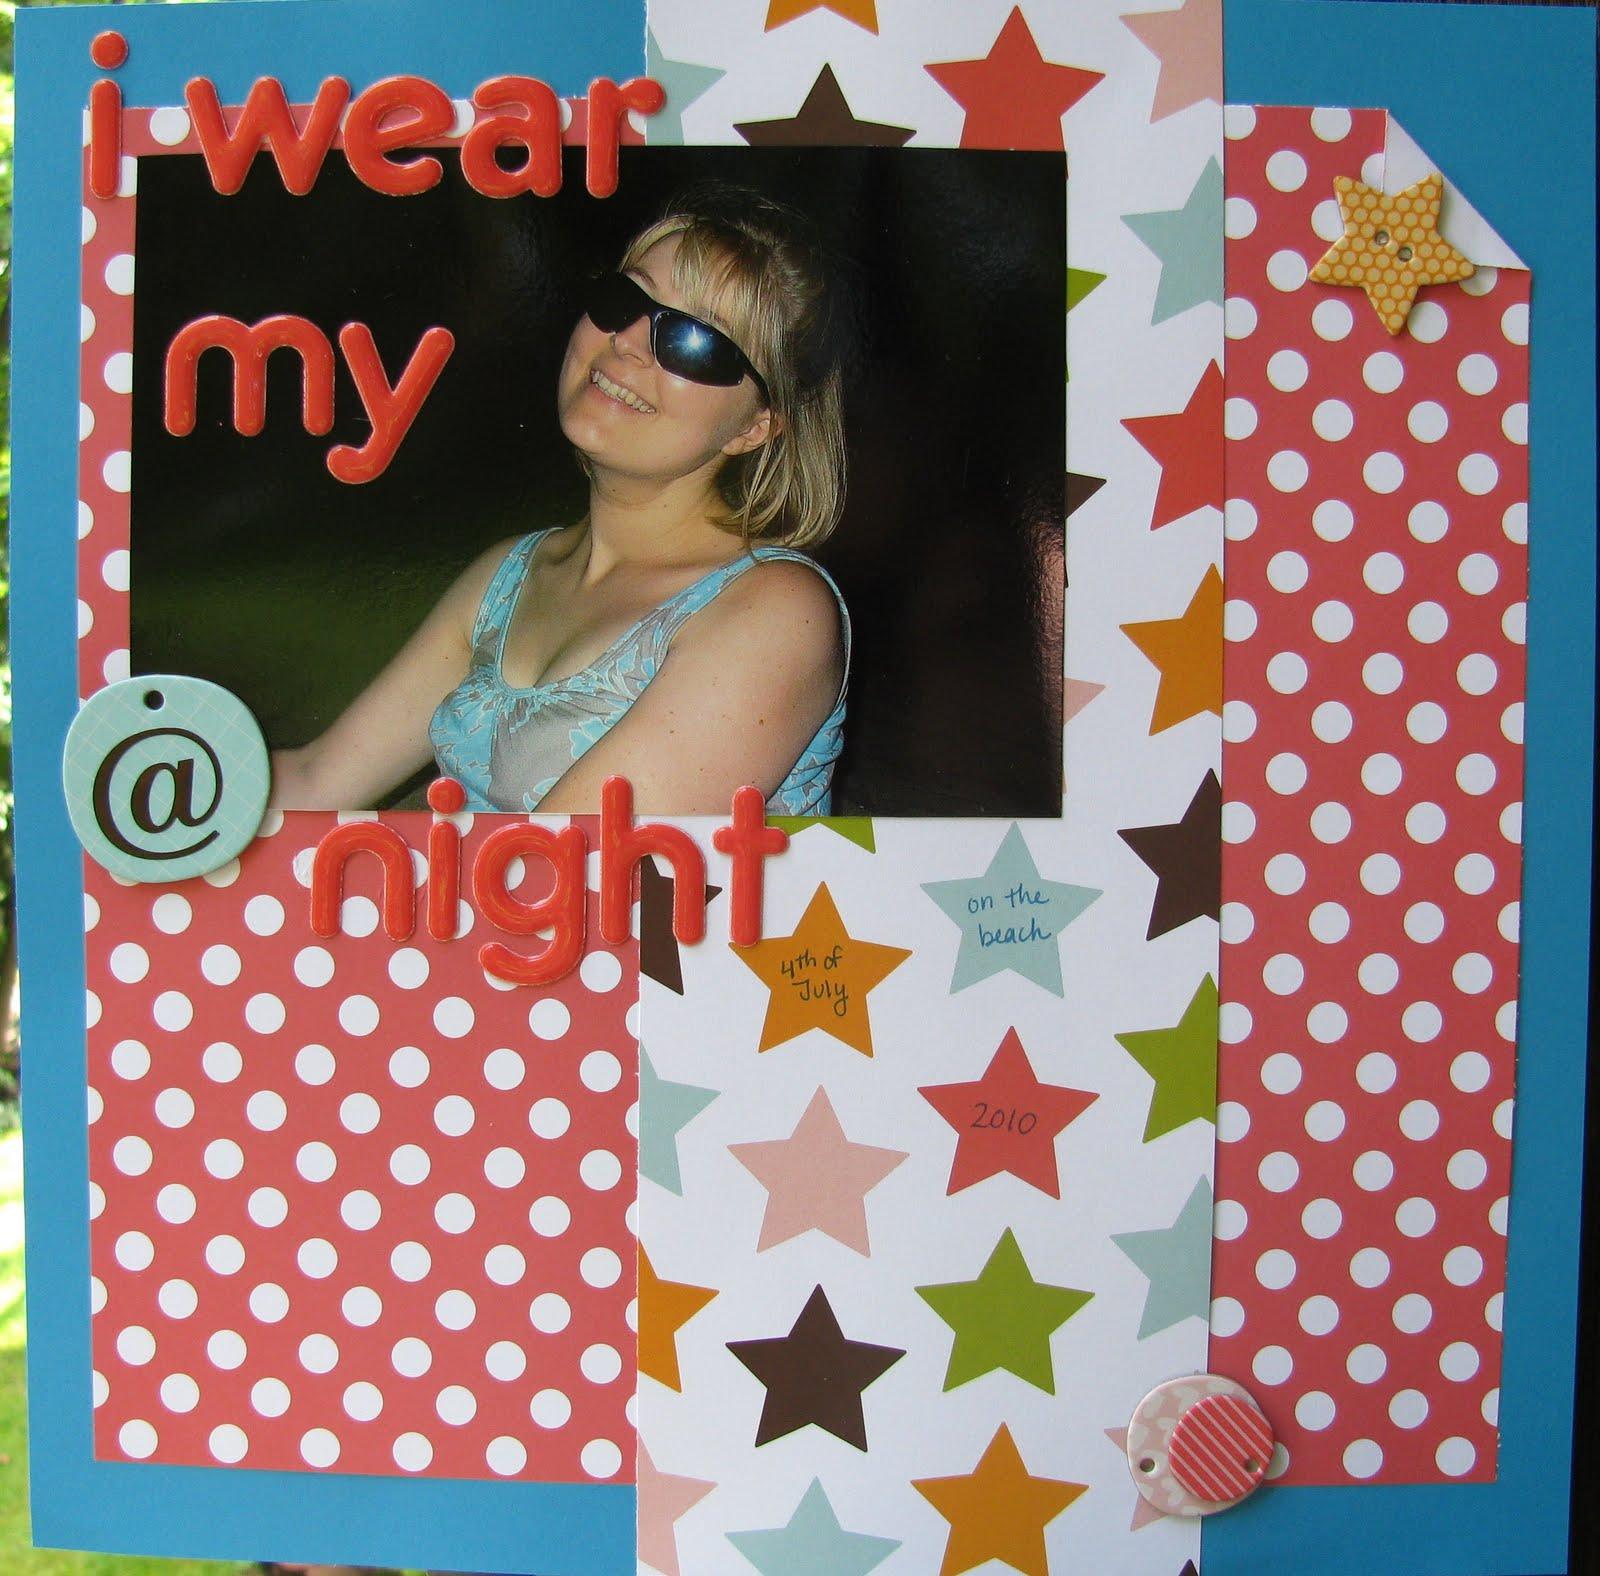 http://4.bp.blogspot.com/_77cTep7Q_m4/TDnpOmOeGZI/AAAAAAAAAZM/rNON-H1OK0g/s1600/bothofmybabiesbyMama2Ainslie.JPG